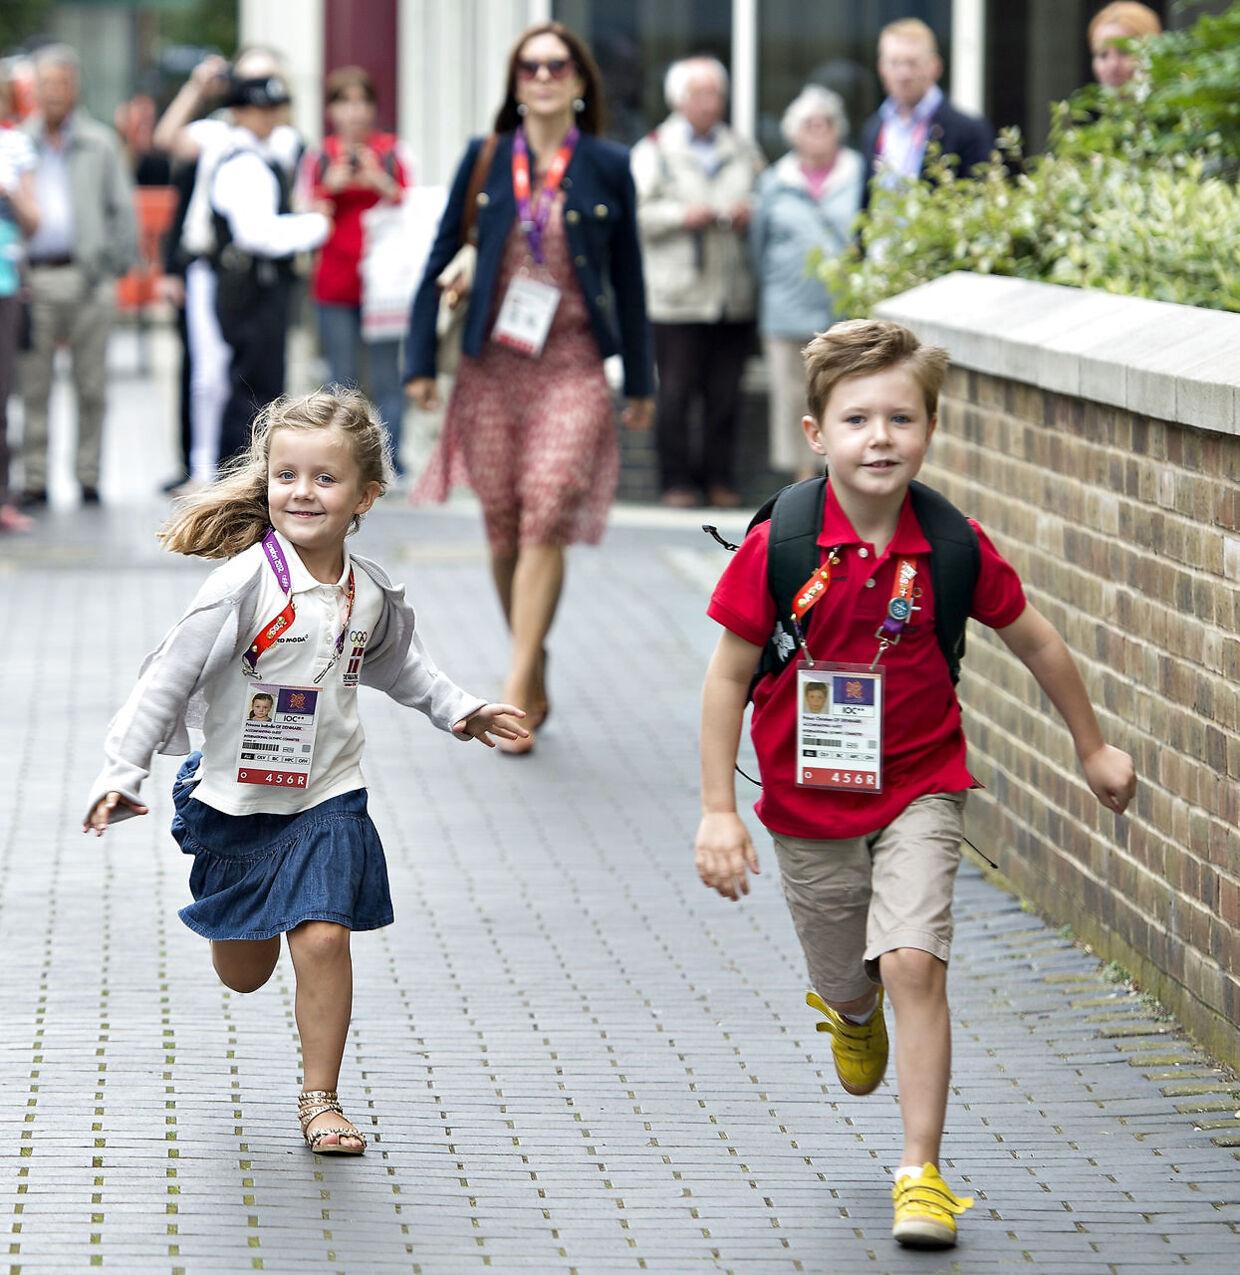 Da prins Christian og prinsesse Isabella var til OL i London i 2012 var der også fuldt tryk på.